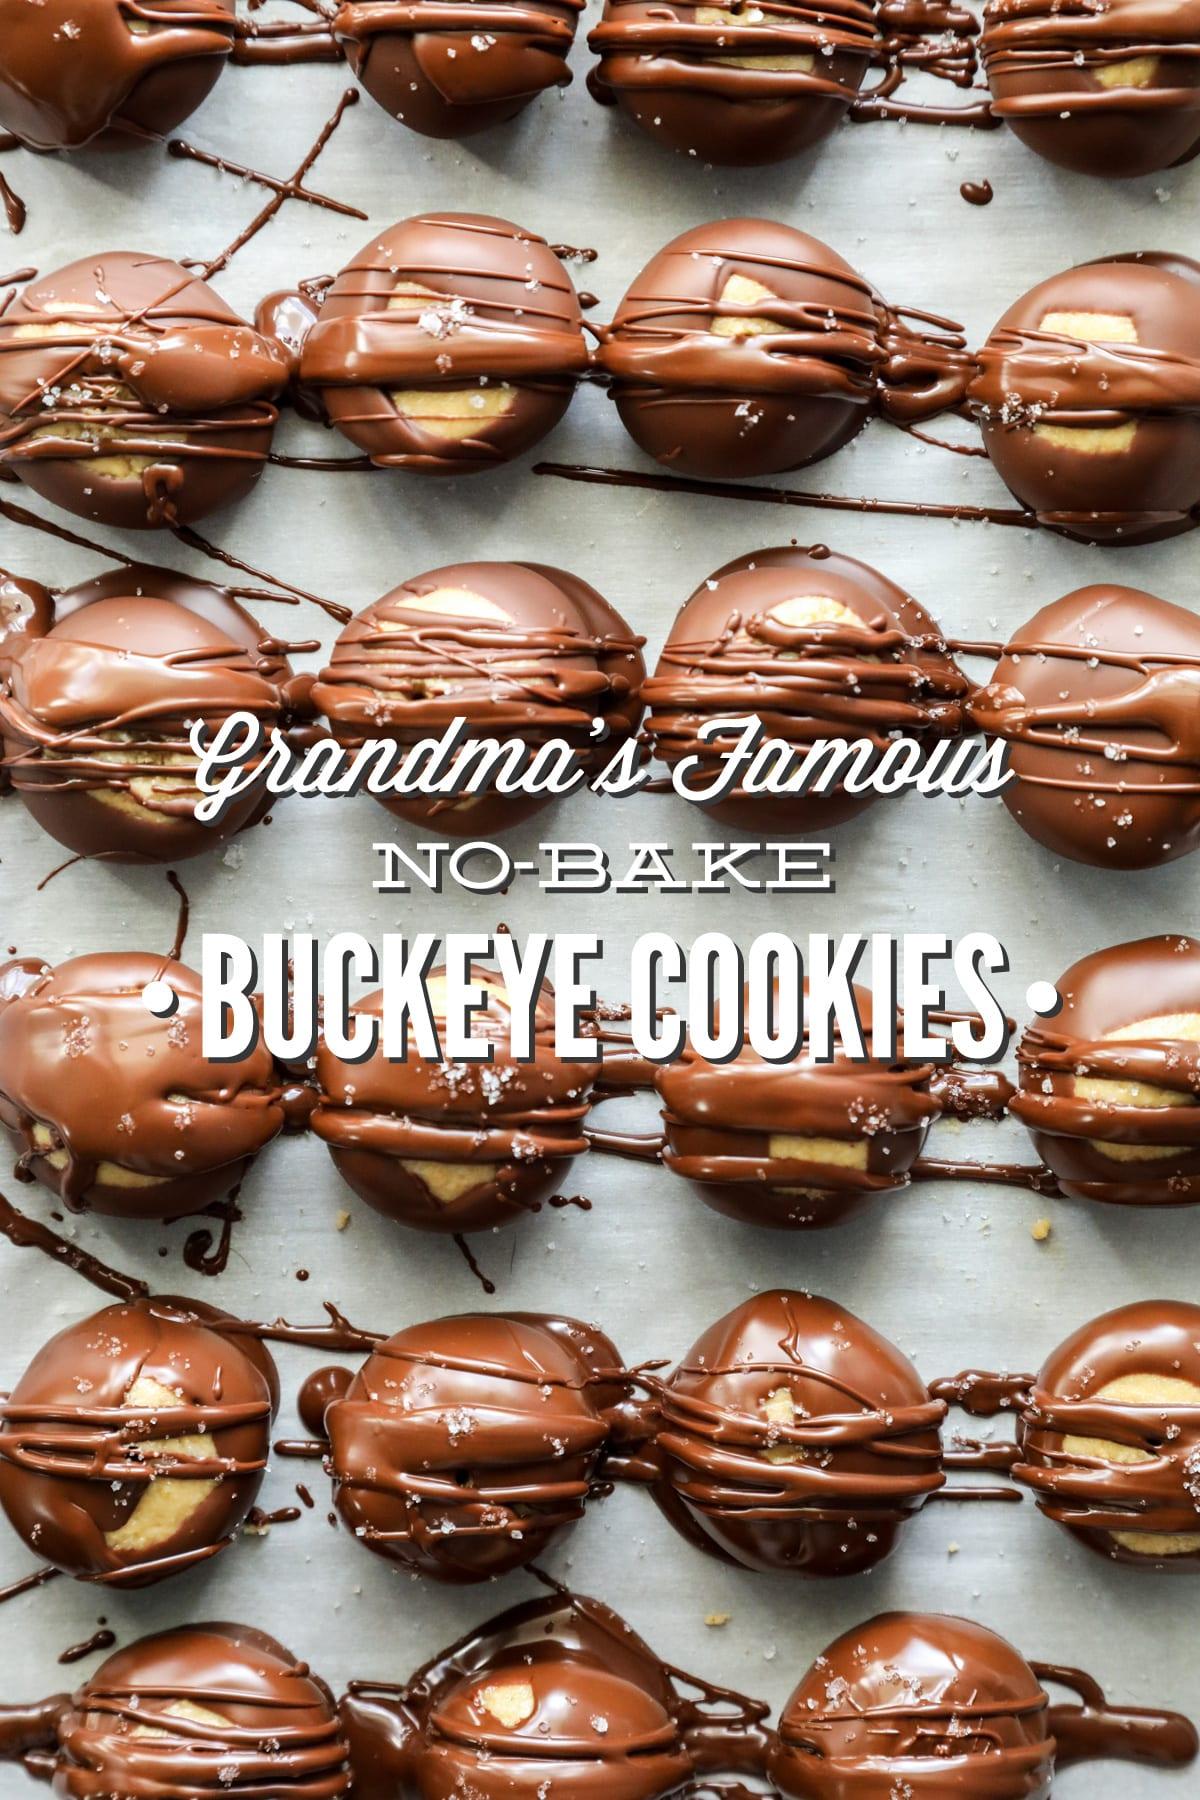 Grandma's Famous No-Bake Buckeye Cookies